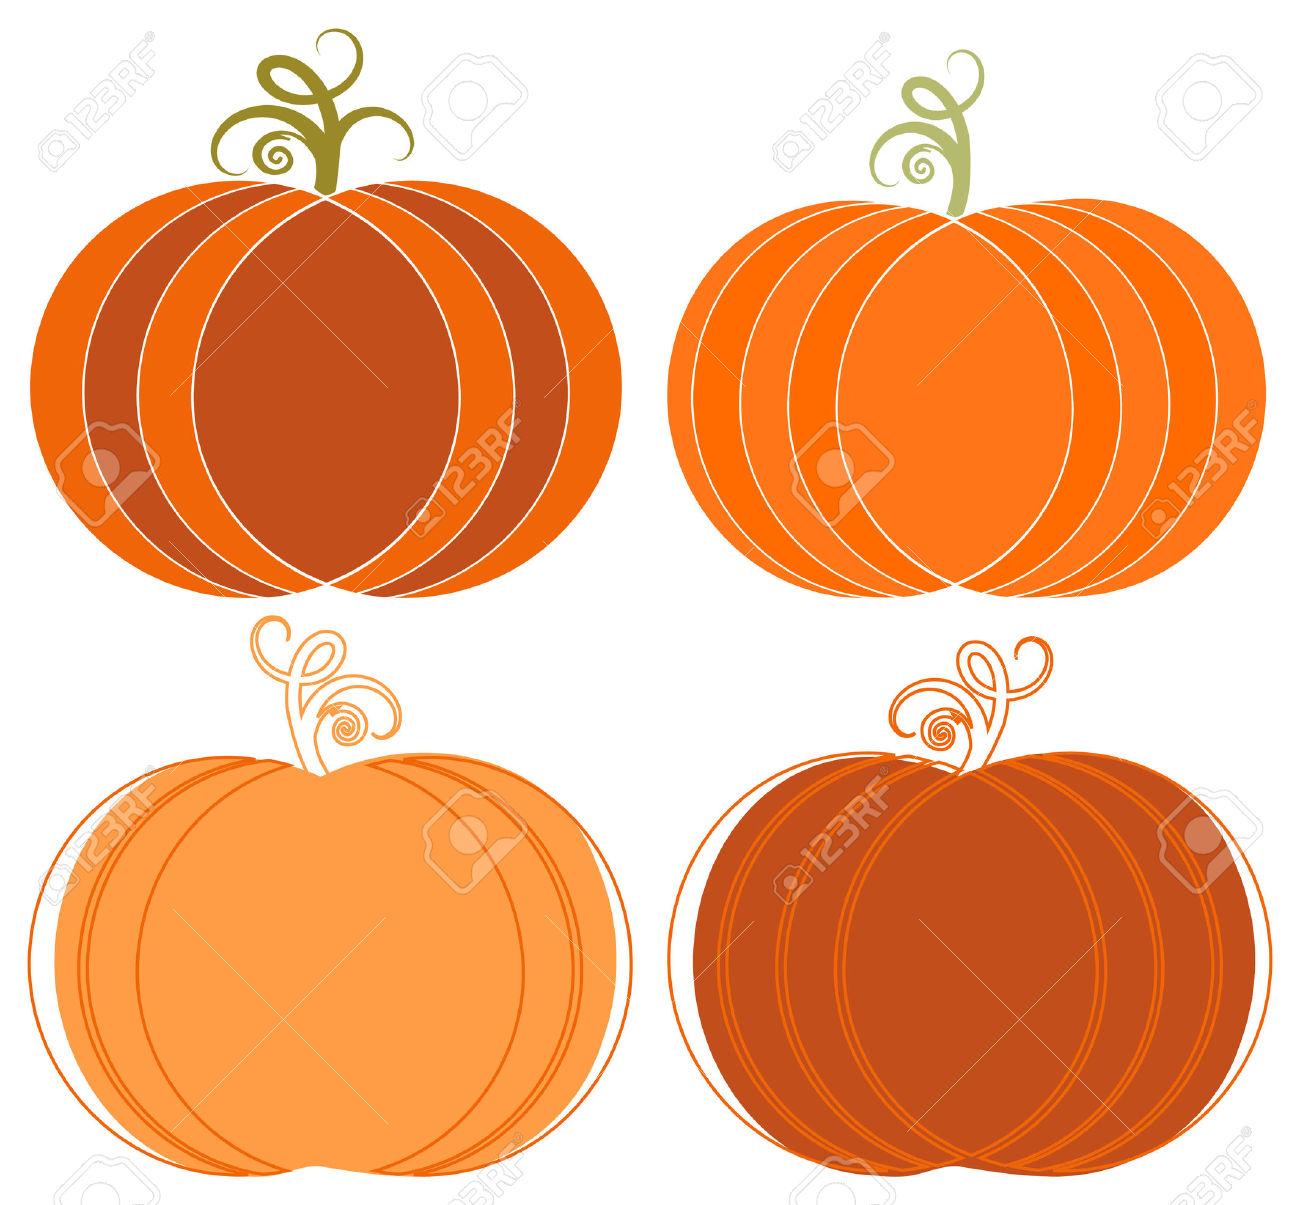 Pumpkins cliparts.